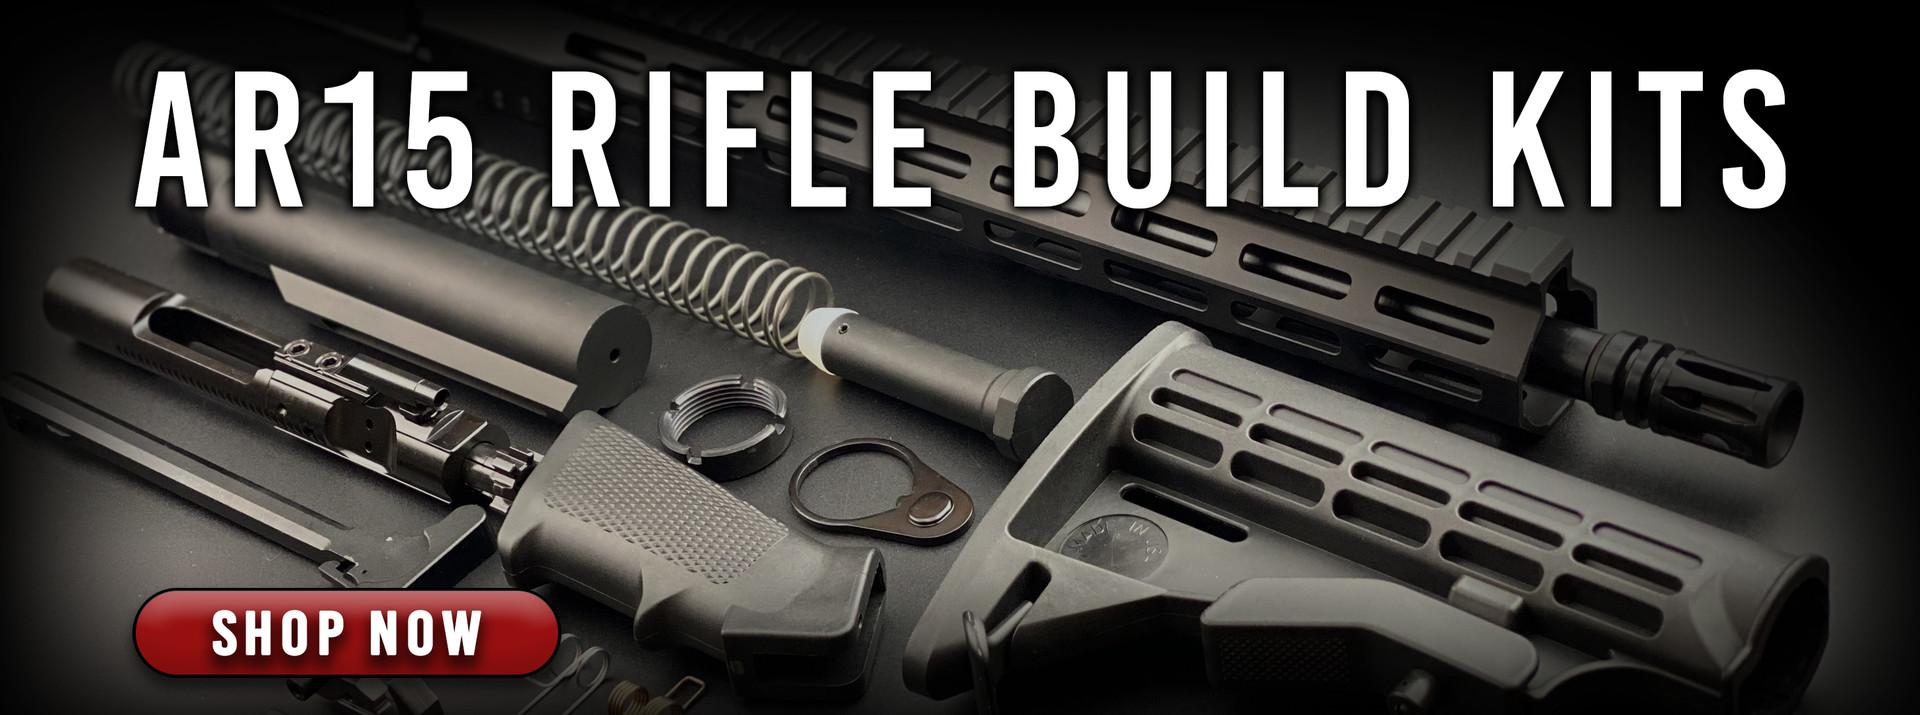 AR15 Parts, AR15 Rifle Build Kits, AR 15 Rifle Build Kits, AR Rifle Build Kits, AR-15 Rifle Build Kits, AR15 Uppers